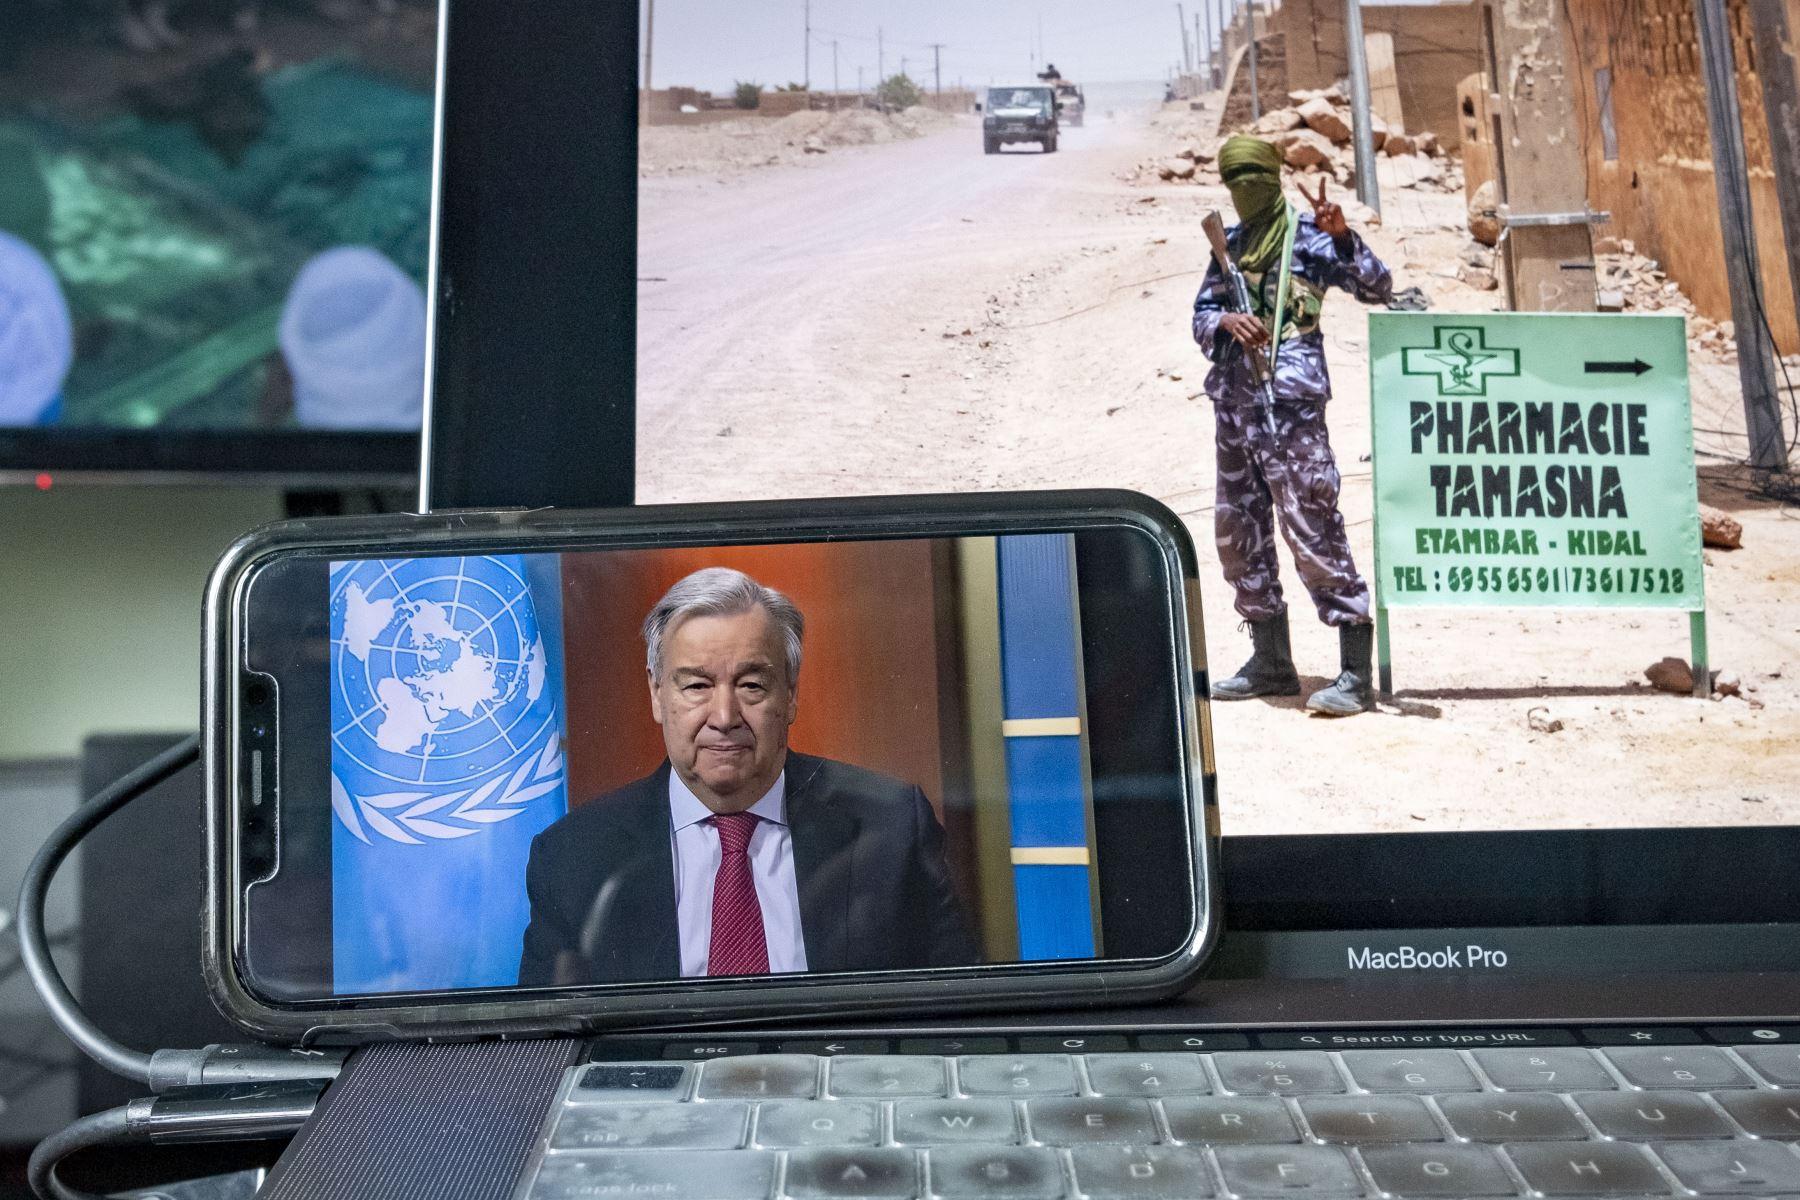 """El jefe de Naciones Unidas reconoció que es imposible predecir lo que va a ocurrir a partir de ahora: """"Estamos en medio de la niebla"""". Foto: AFP"""